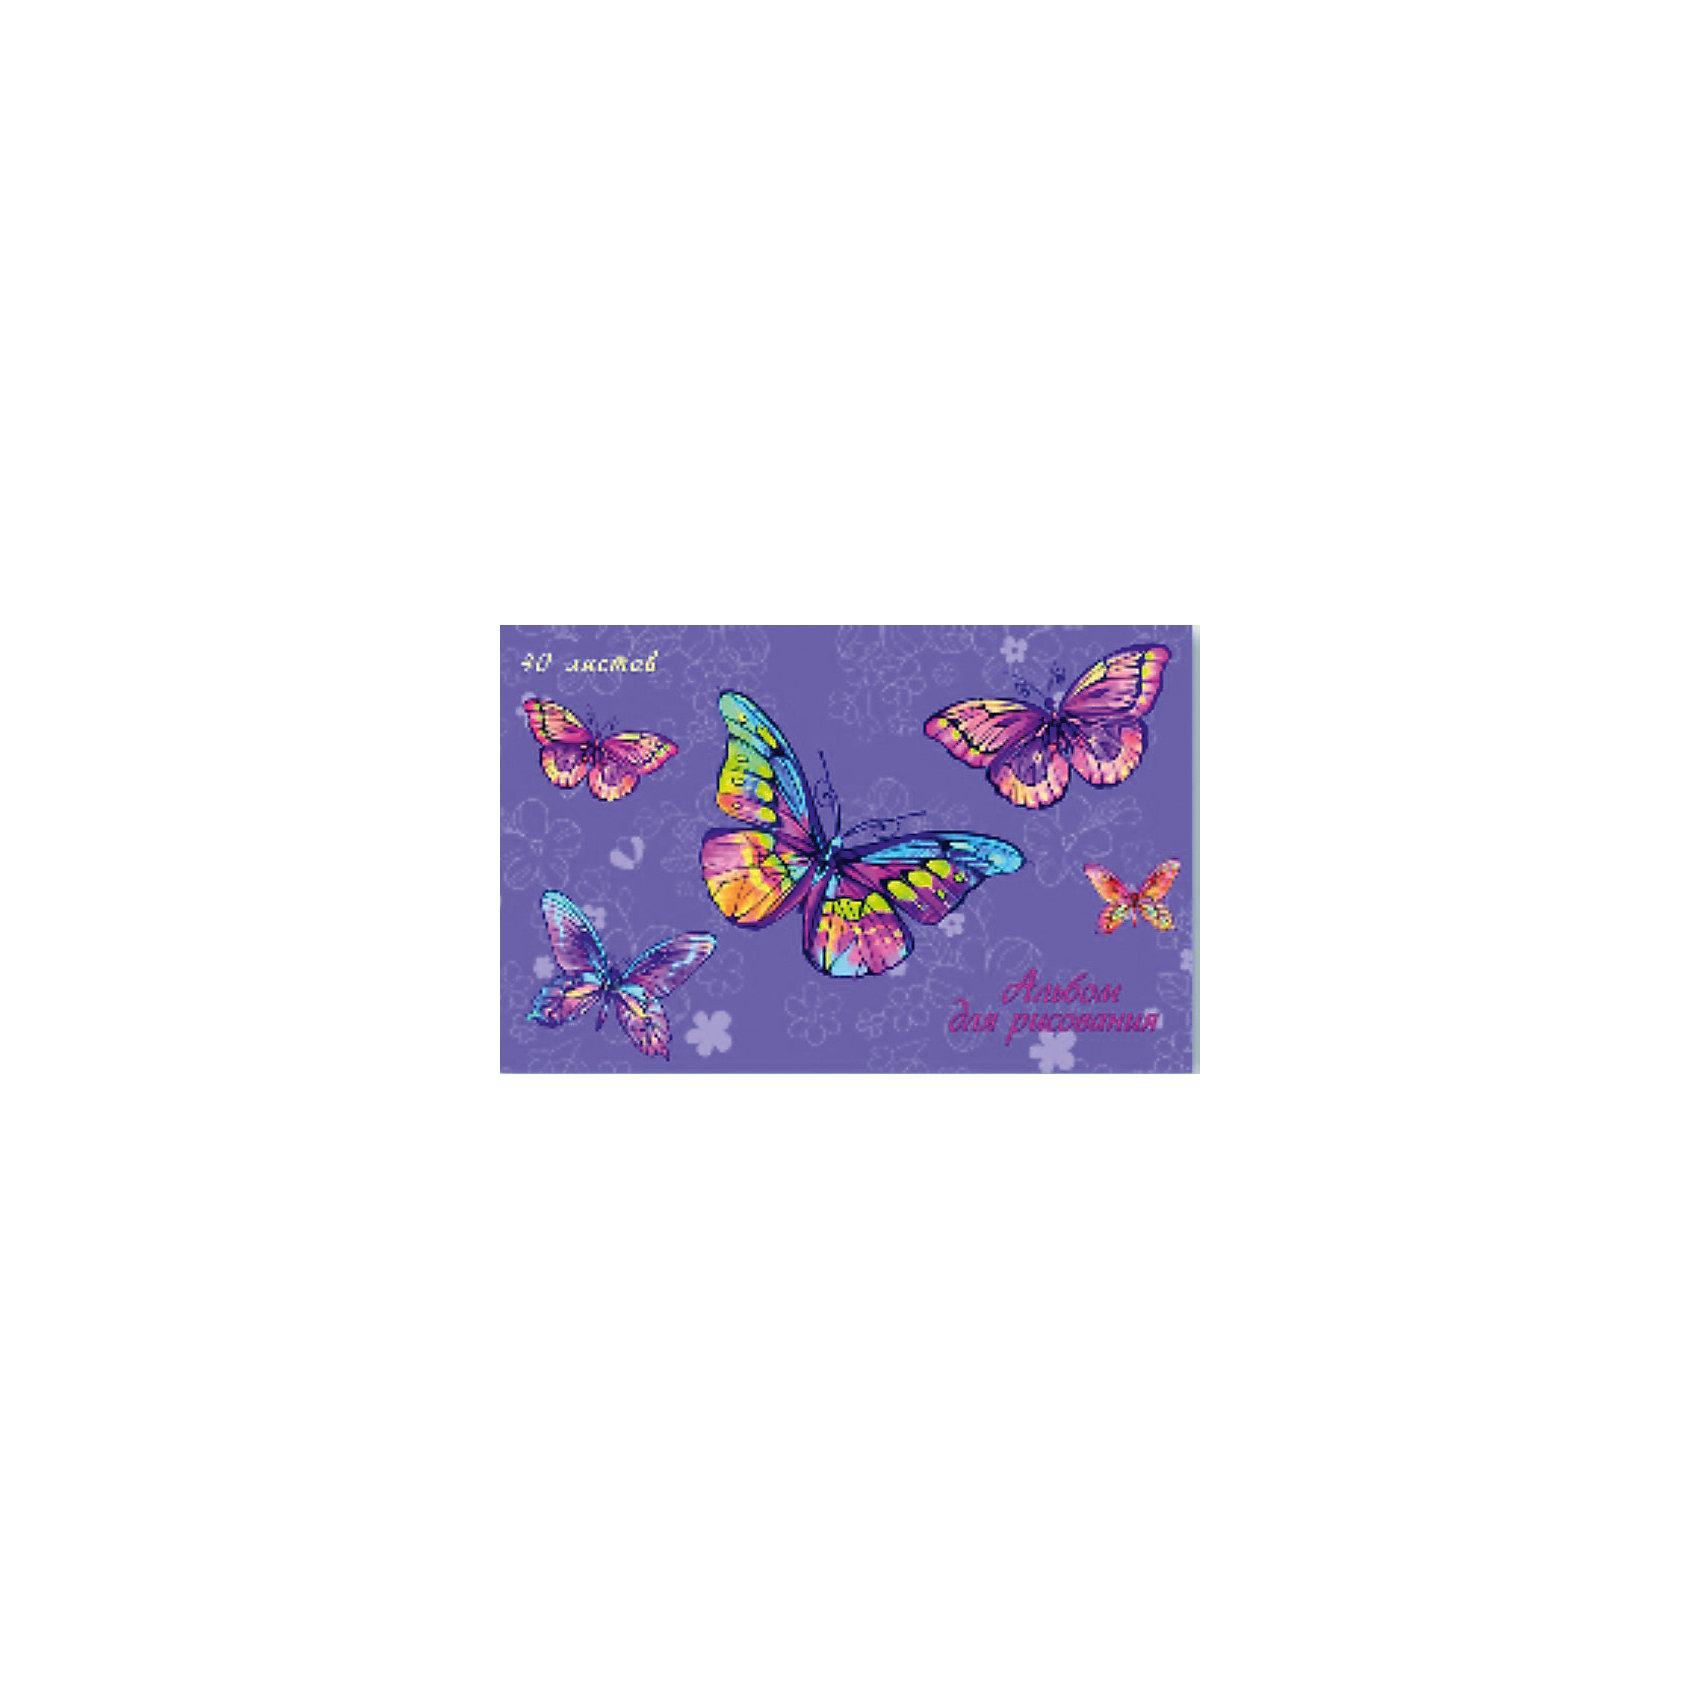 Альбом для рисования Радужные бабочки, 40лСкоро 1 сентября, а значит Вашему ребенку обязательно понадобиться альбом для рисования!<br><br>Дополнительная информация:<br><br>- Возраст: от 3 лет.<br>- 40 листов.<br>- Орнамент: бабочки.<br>- Формат: А4.<br>- Материал: бумага, картон.<br>- Размер упаковки: 0,5х29,6х20 см.<br>- Вес в упаковке: 305 г.<br><br>Купить альбом для рисования Радужные бабочки можно в нашем магазине.<br><br>Ширина мм: 5<br>Глубина мм: 296<br>Высота мм: 200<br>Вес г: 305<br>Возраст от месяцев: 36<br>Возраст до месяцев: 2147483647<br>Пол: Унисекс<br>Возраст: Детский<br>SKU: 4943502